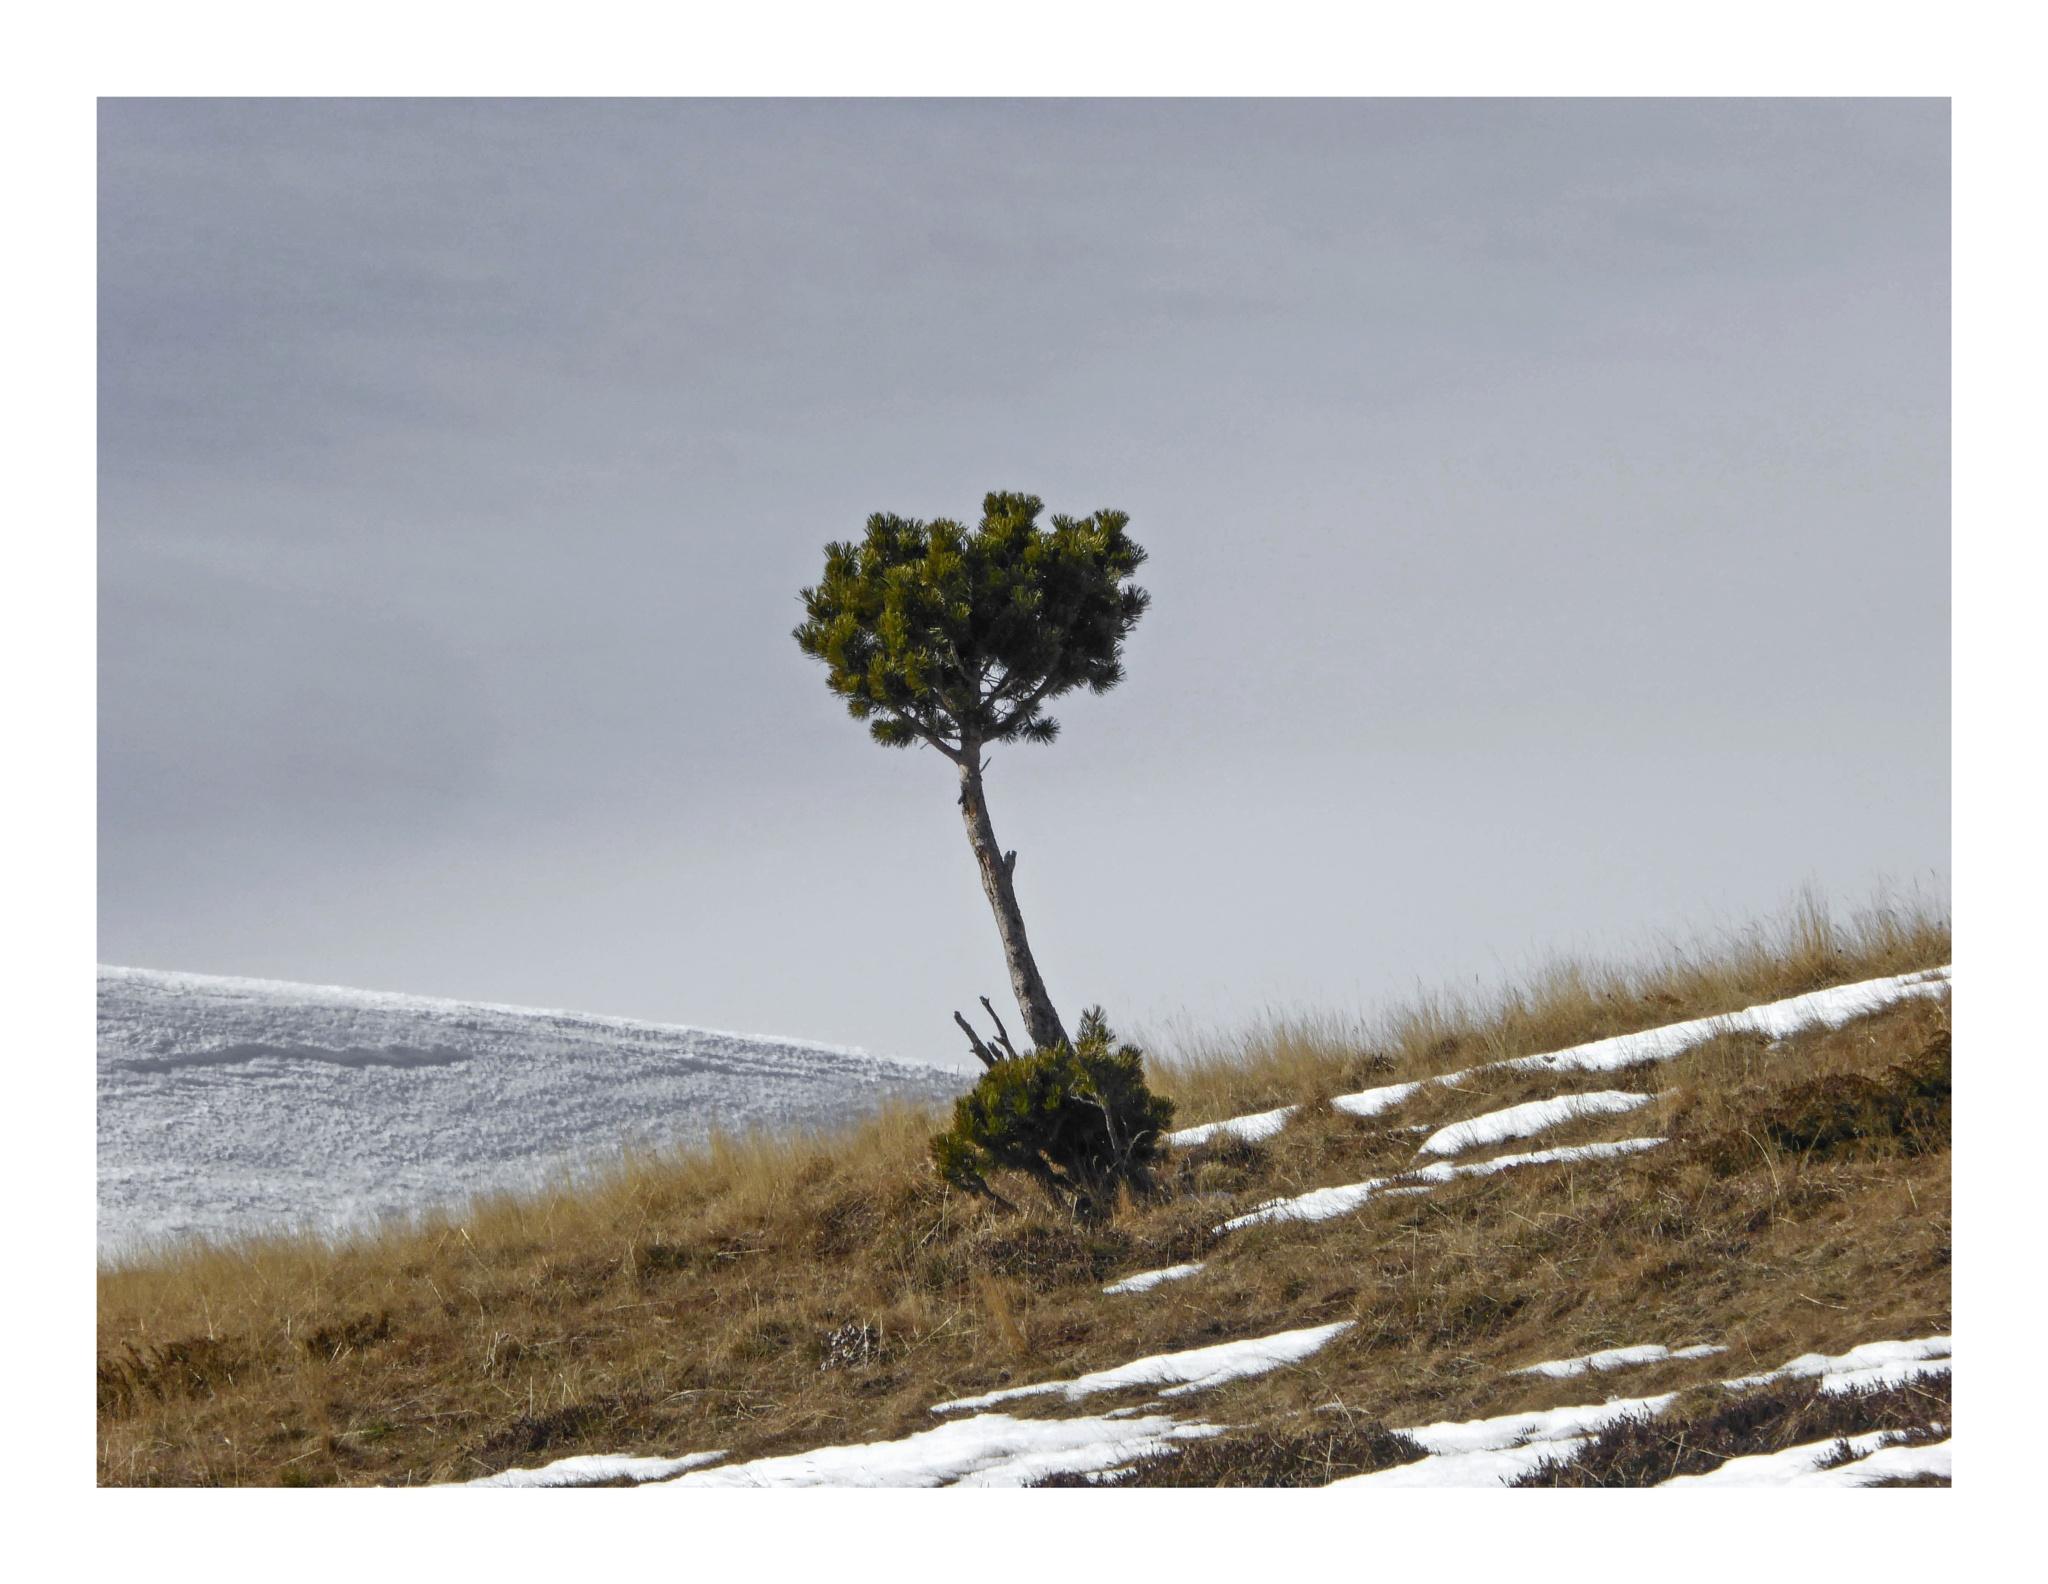 L'arbre by Sandrine Rolfo Lasmolles